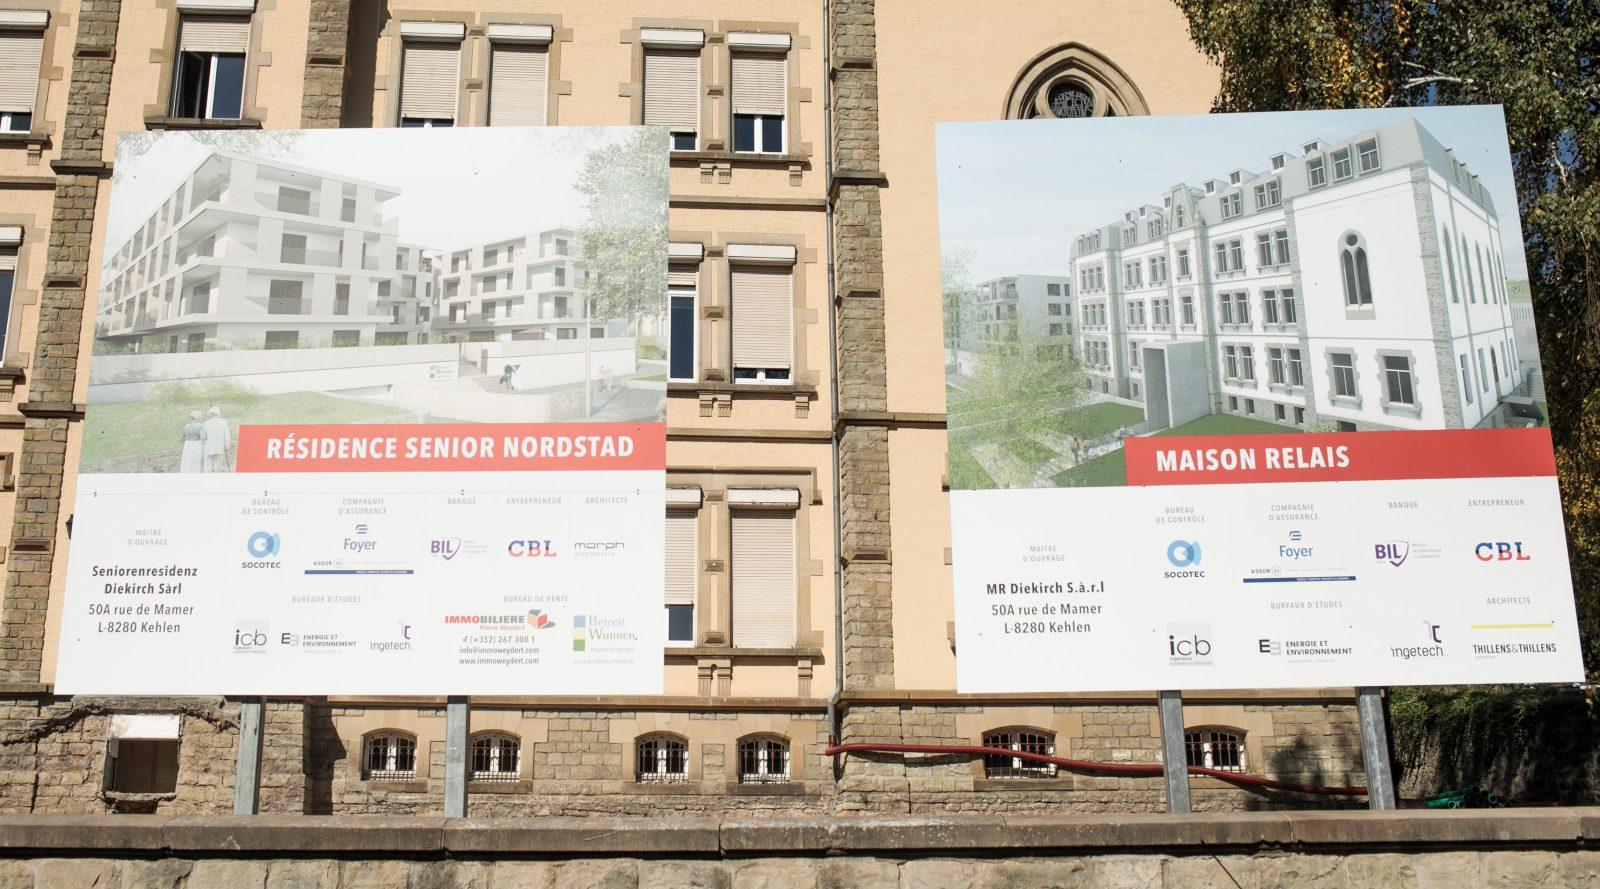 Diekirch: Umstrittene Bauprojekte auf der Kippe - Reporter.lu